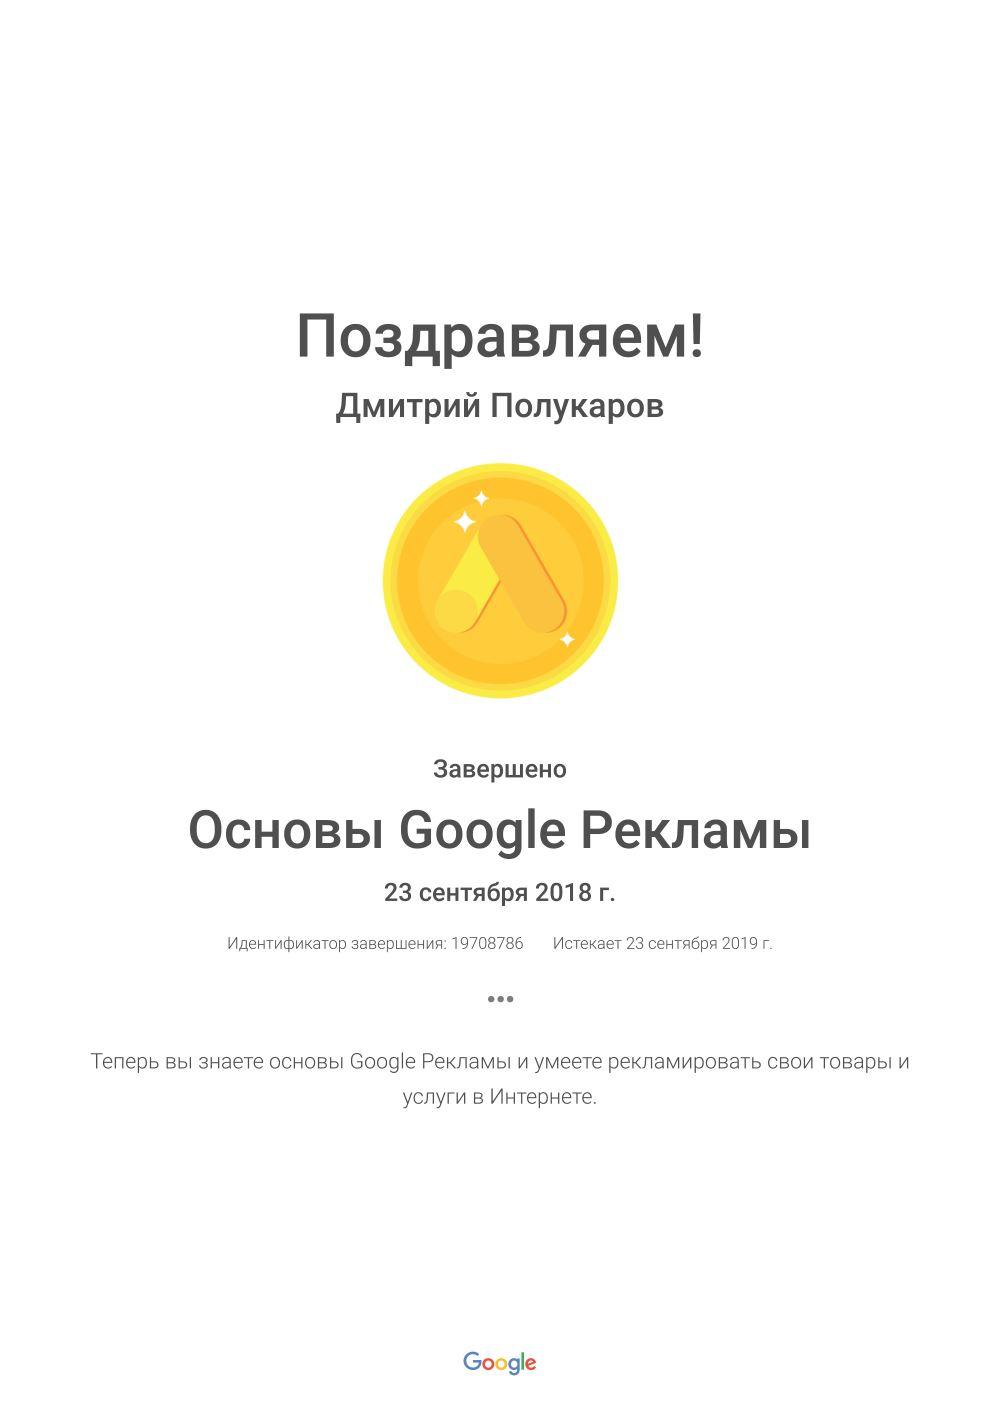 Свидетельство о прохождении курса по основам google ads